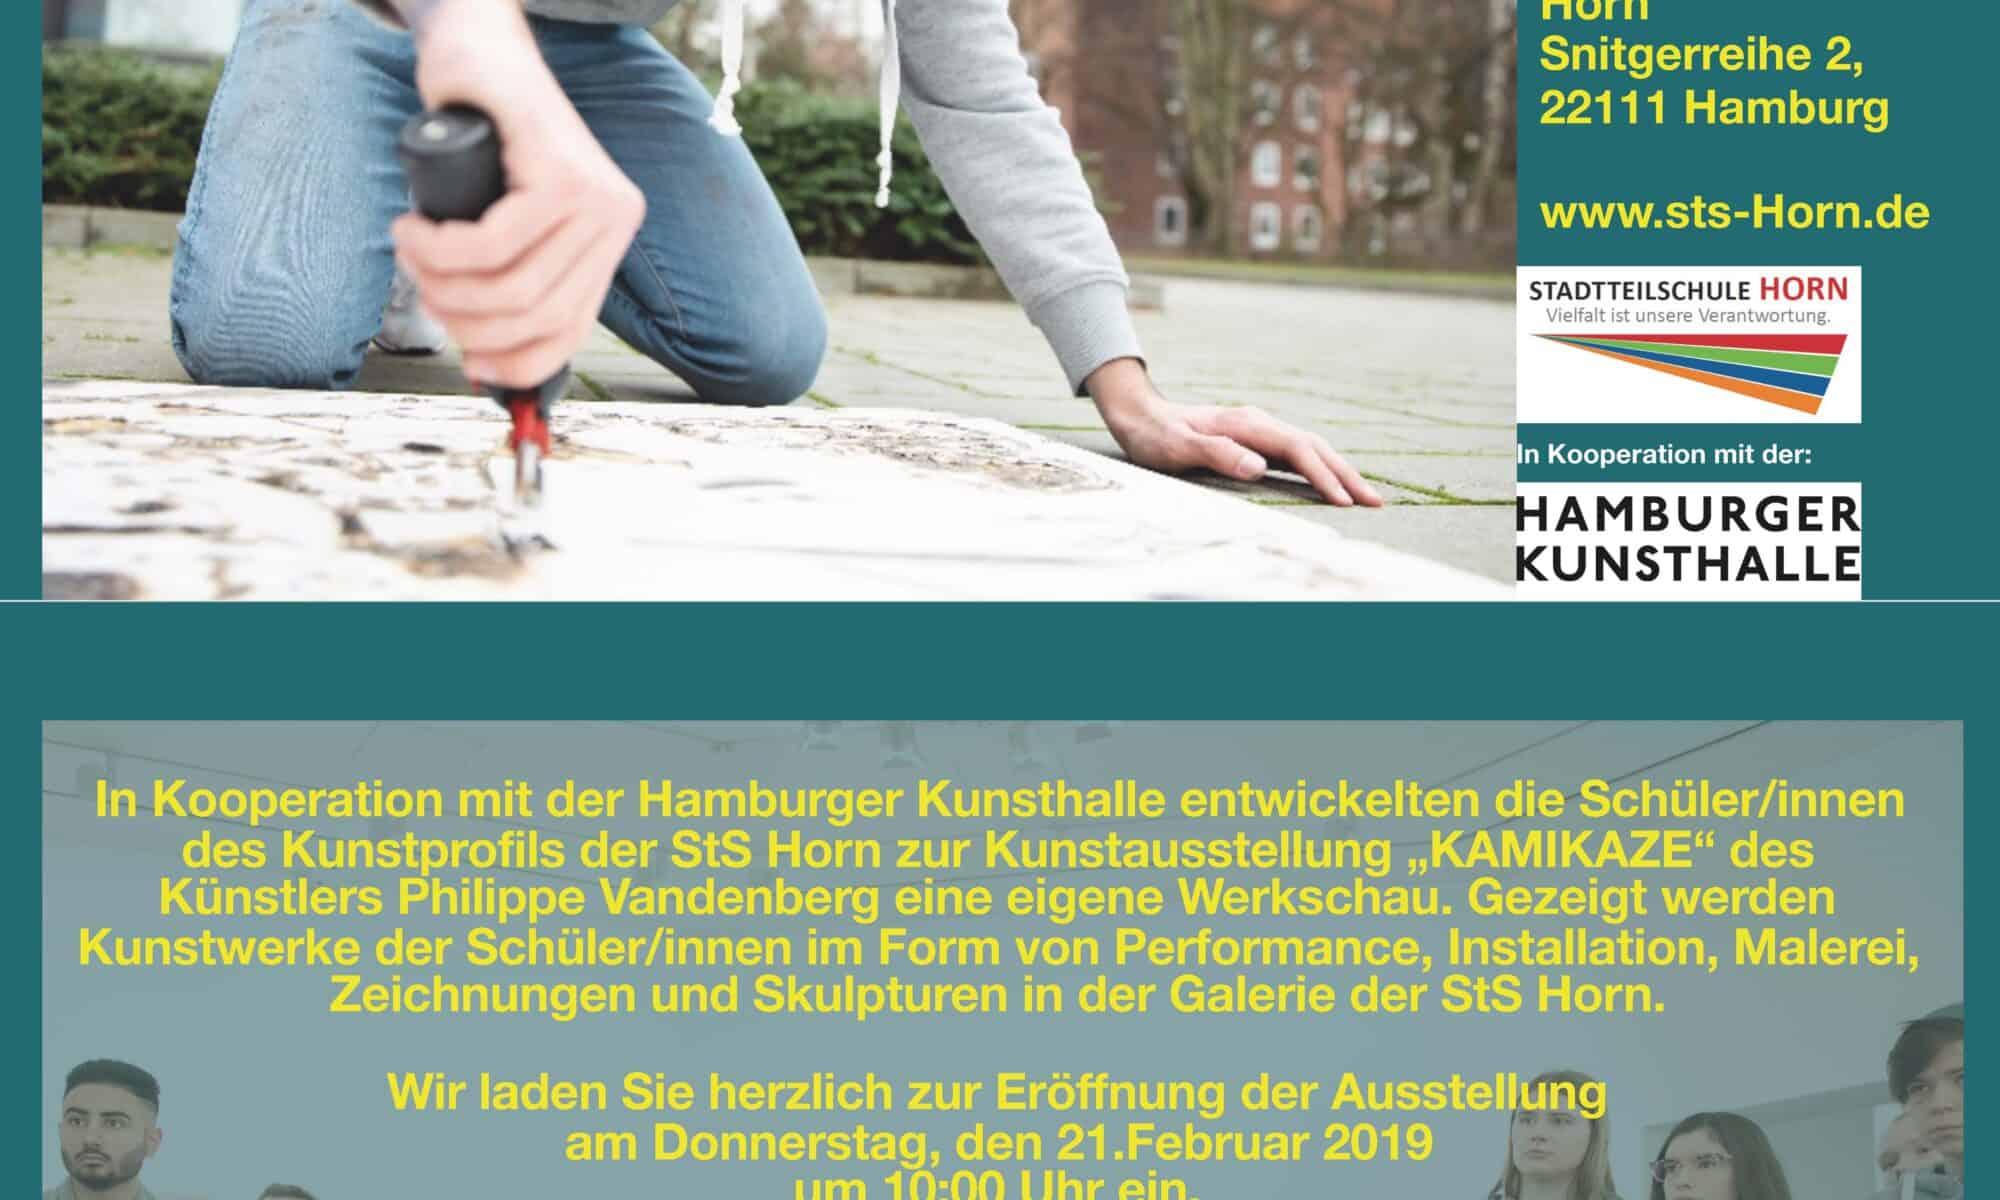 21. Februar 2019; Galerieraum Stadtteilschule Horn; Snitgerreihe 2; 22111 Hamburg